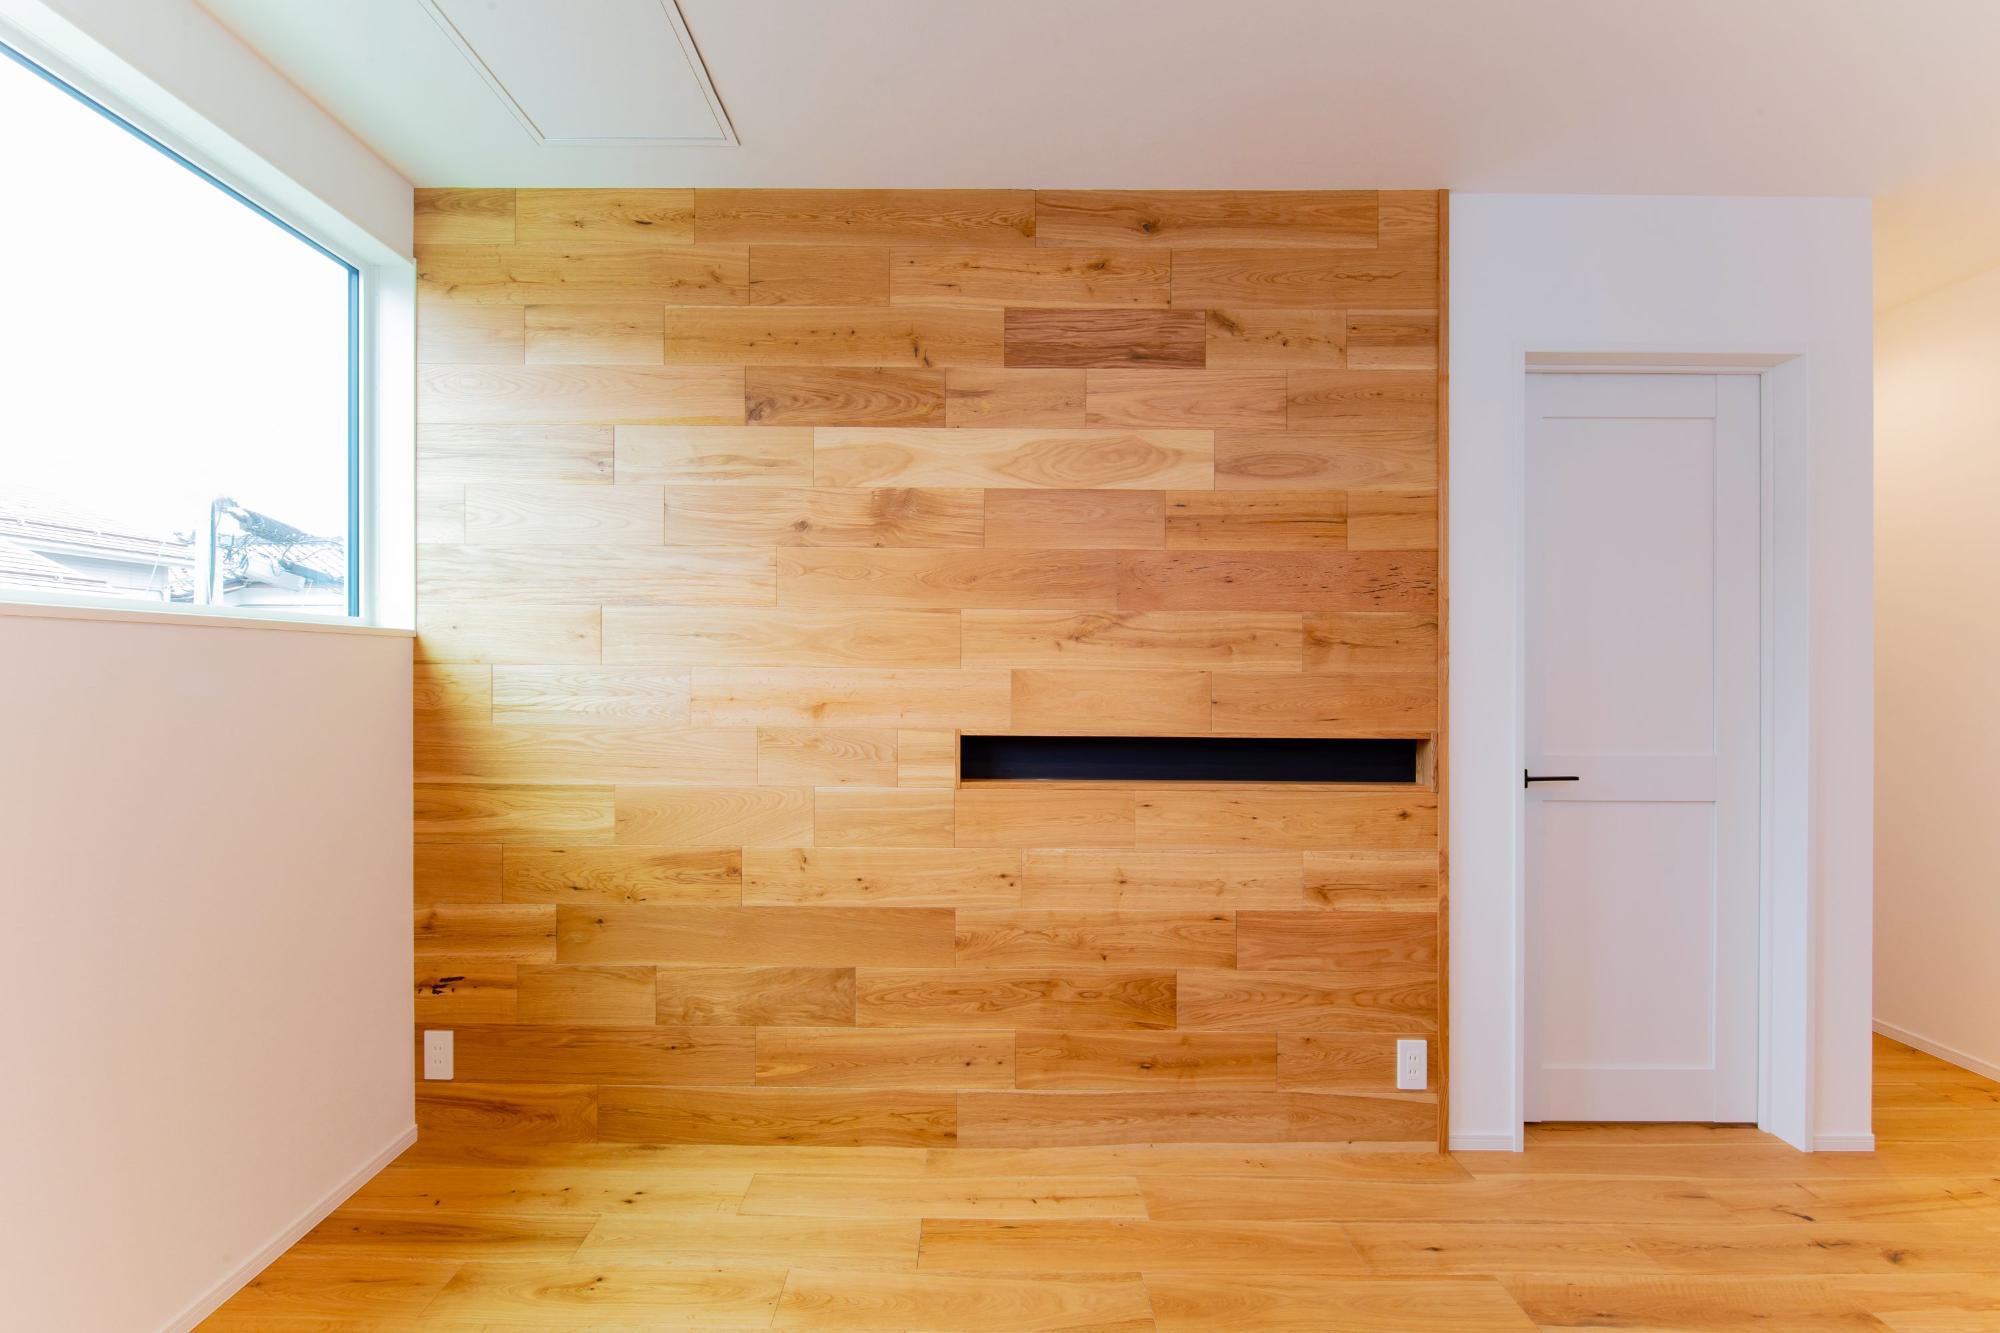 株式会社ゼロスタイル「タテカエ×センターキッチン×マリン」のシンプル・ナチュラルな居室の実例写真